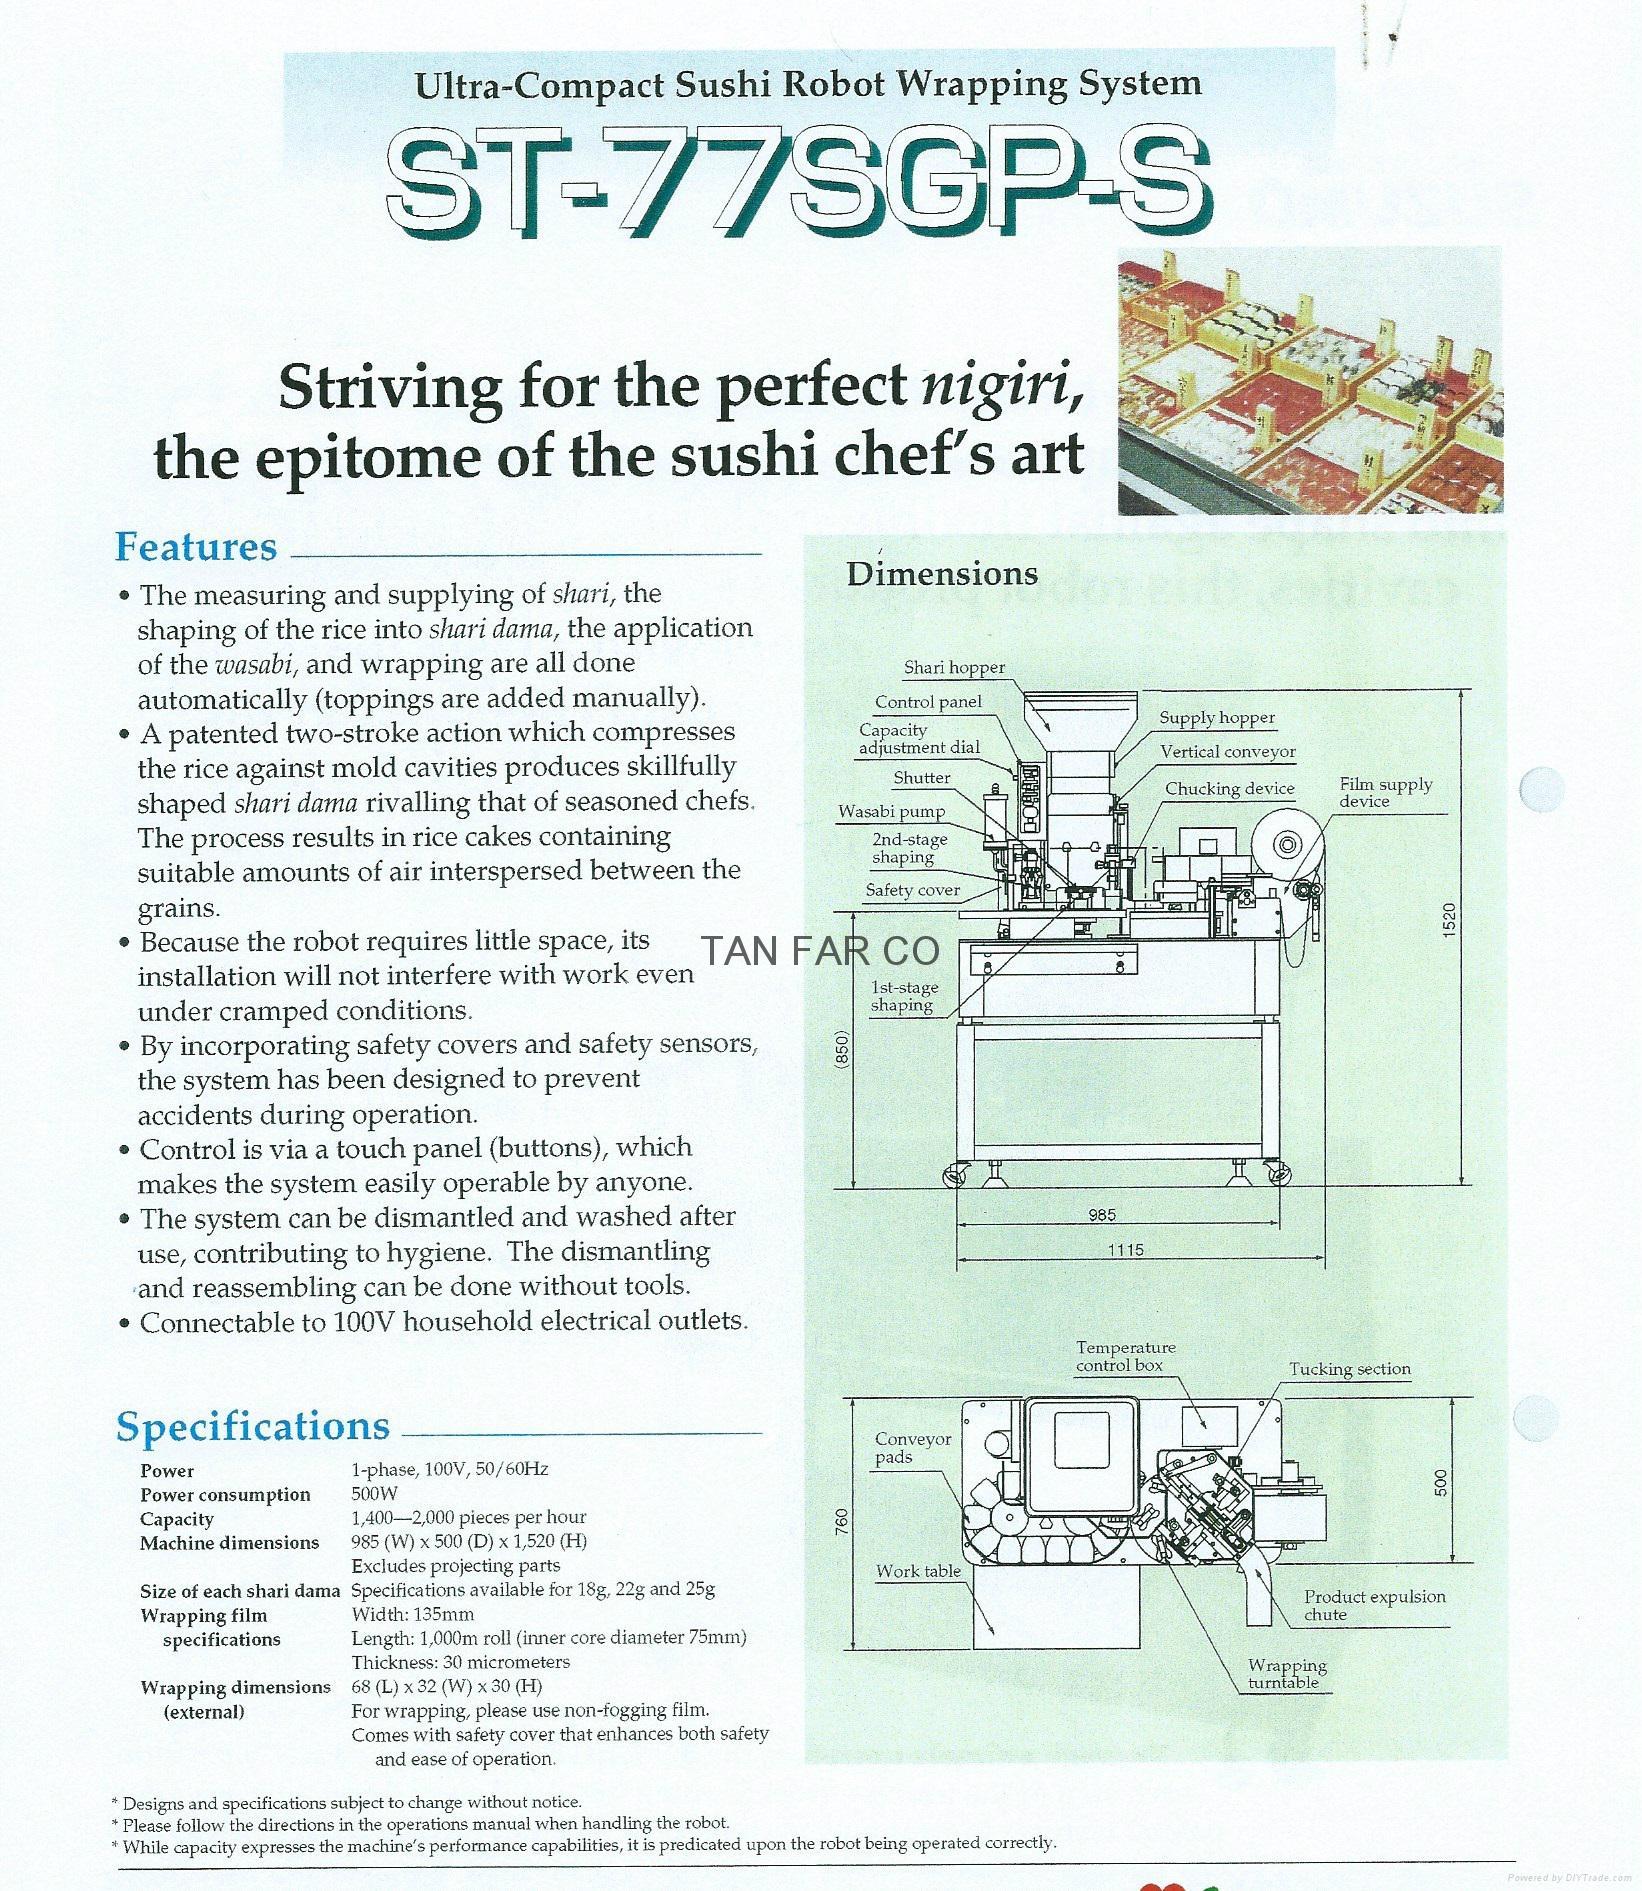 suzumo auto sushi nigiri forming & packing machine USED 2